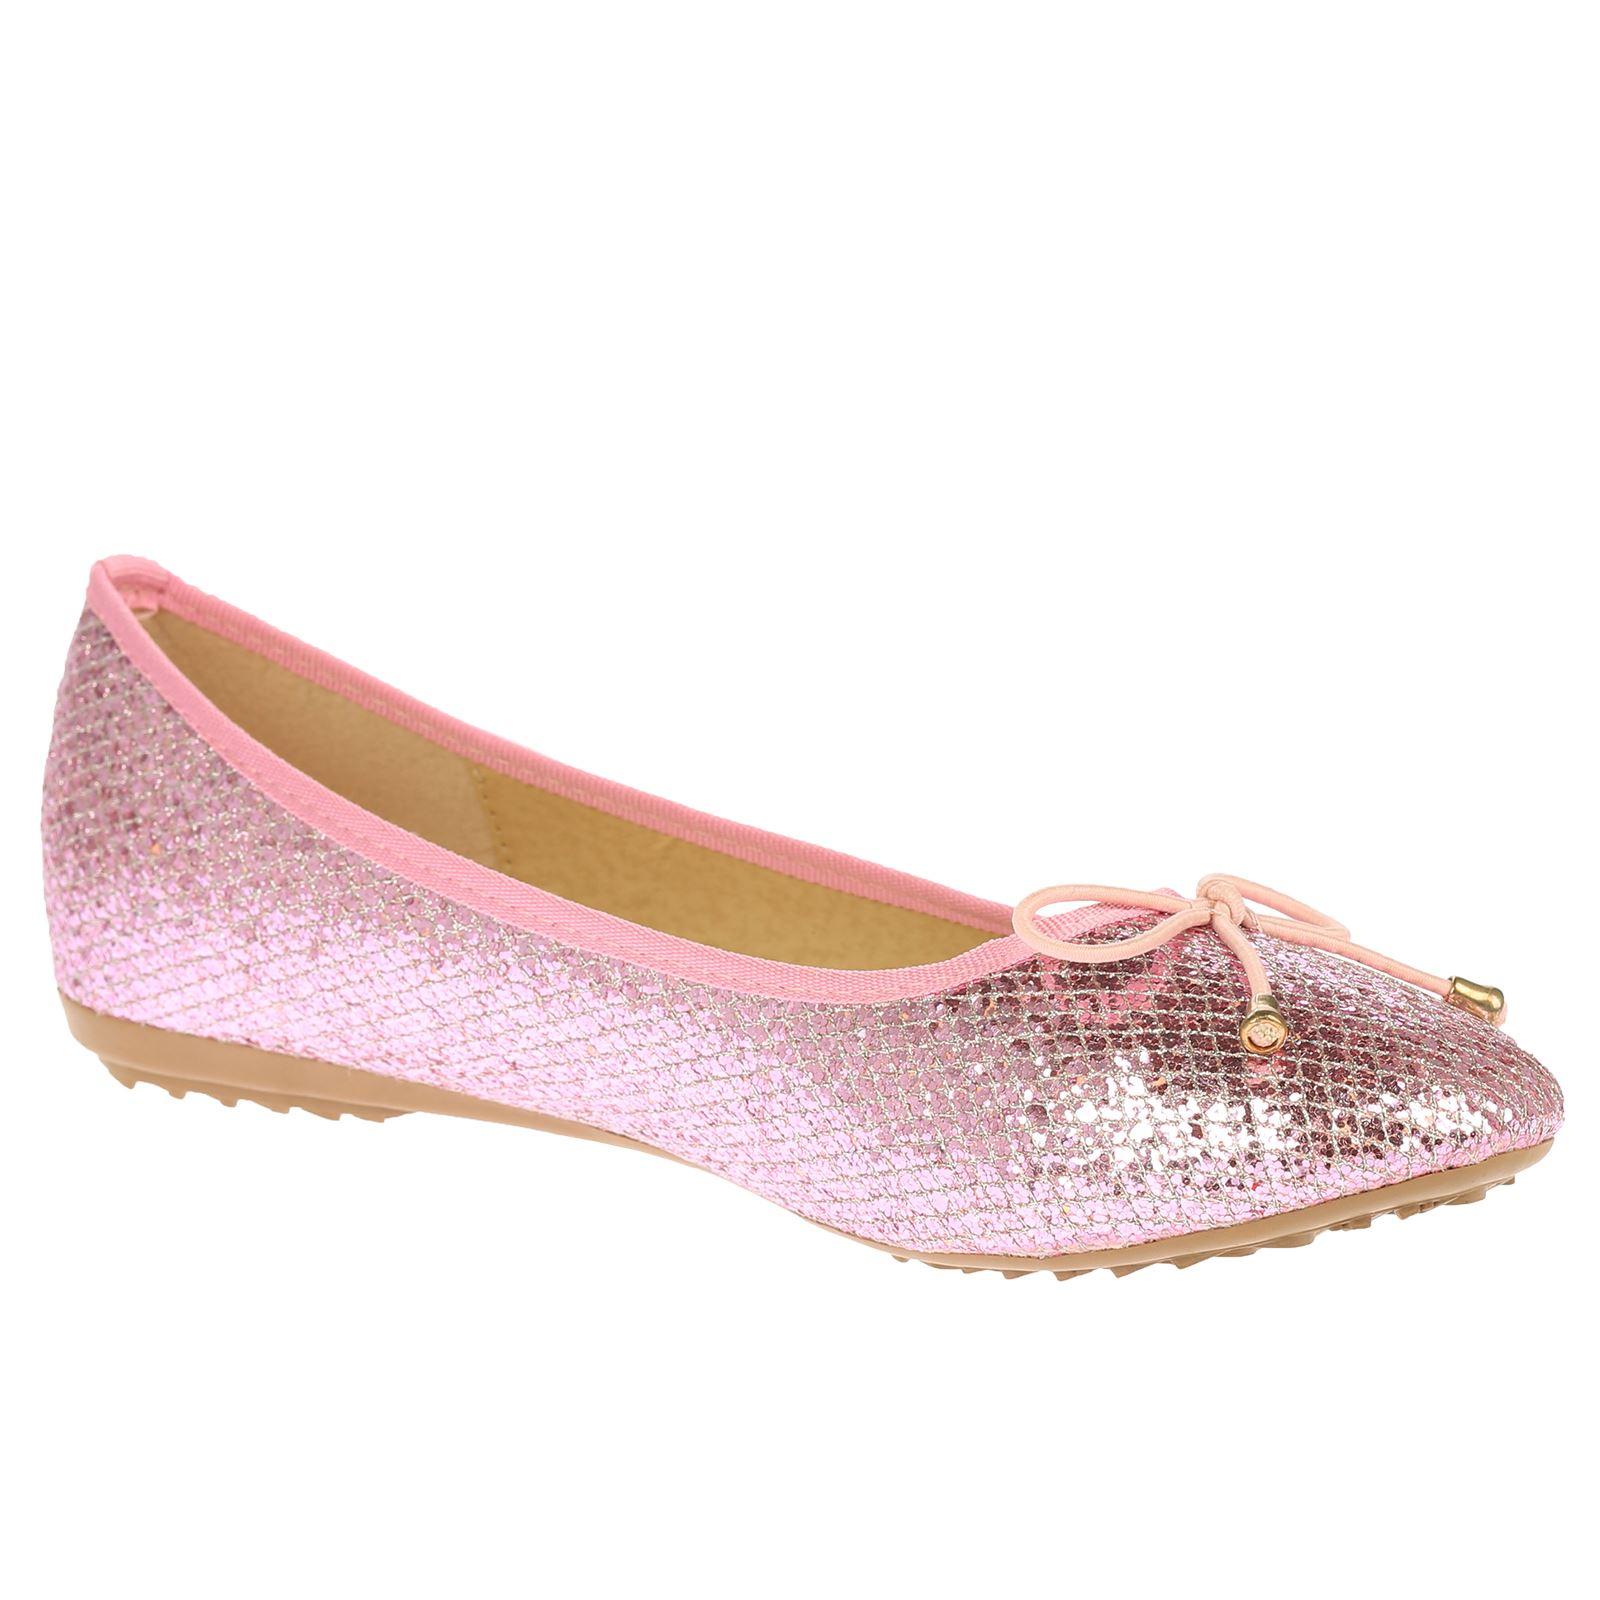 womens shoes pumps glitter evening ballet flats